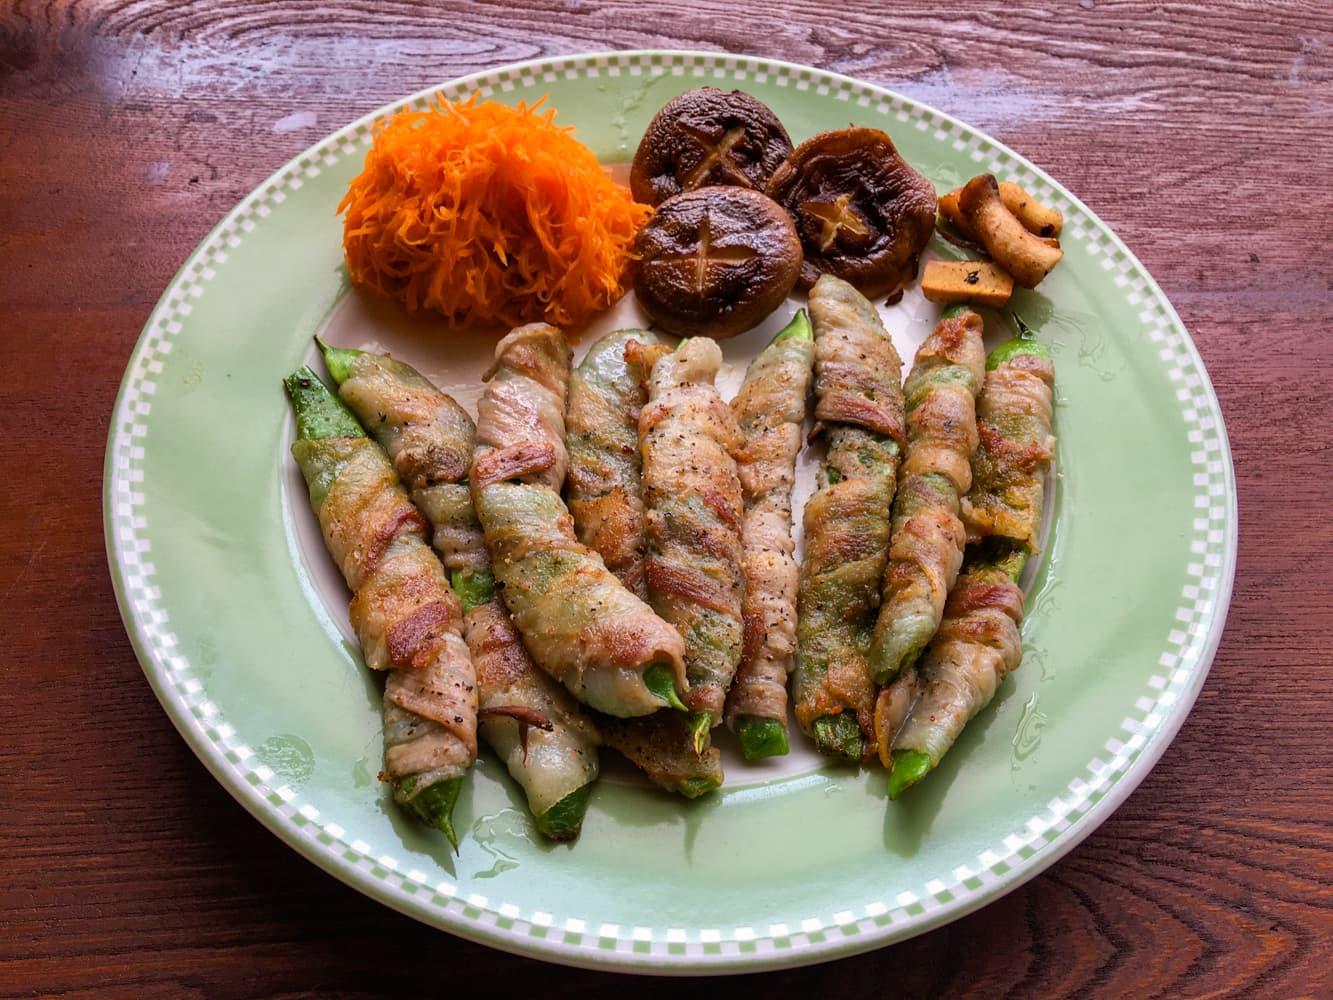 モロッコインゲンの豚肉巻きの写真